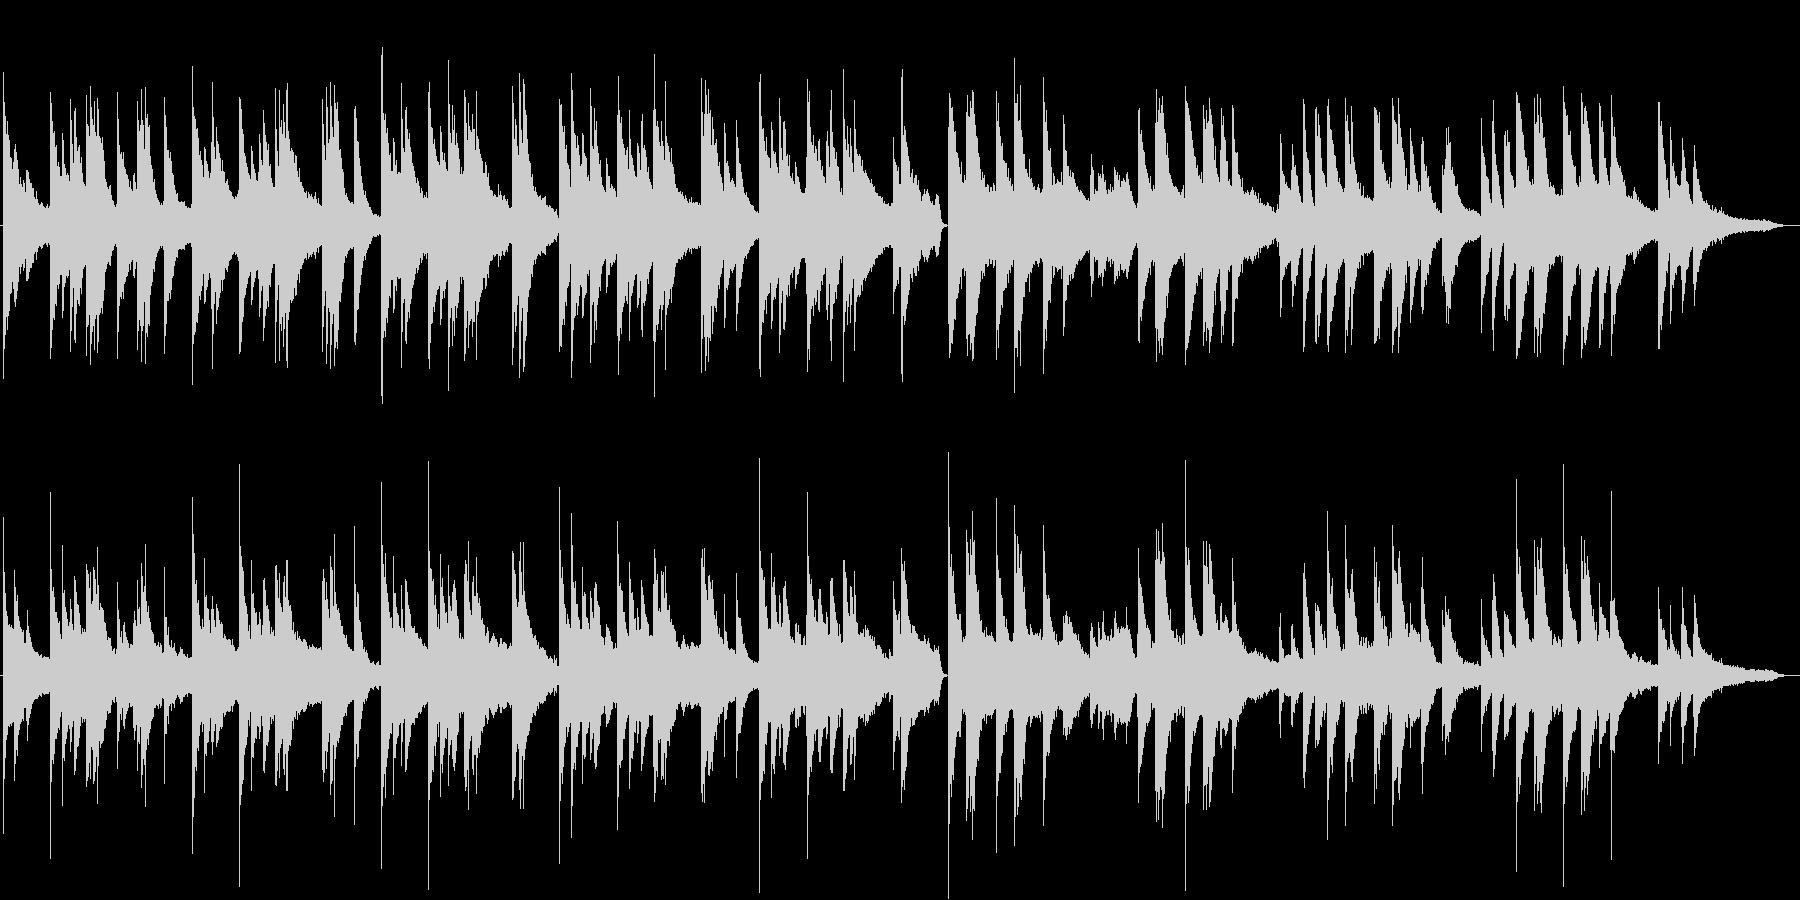 カセットテープを思いだすピアノの調べの未再生の波形